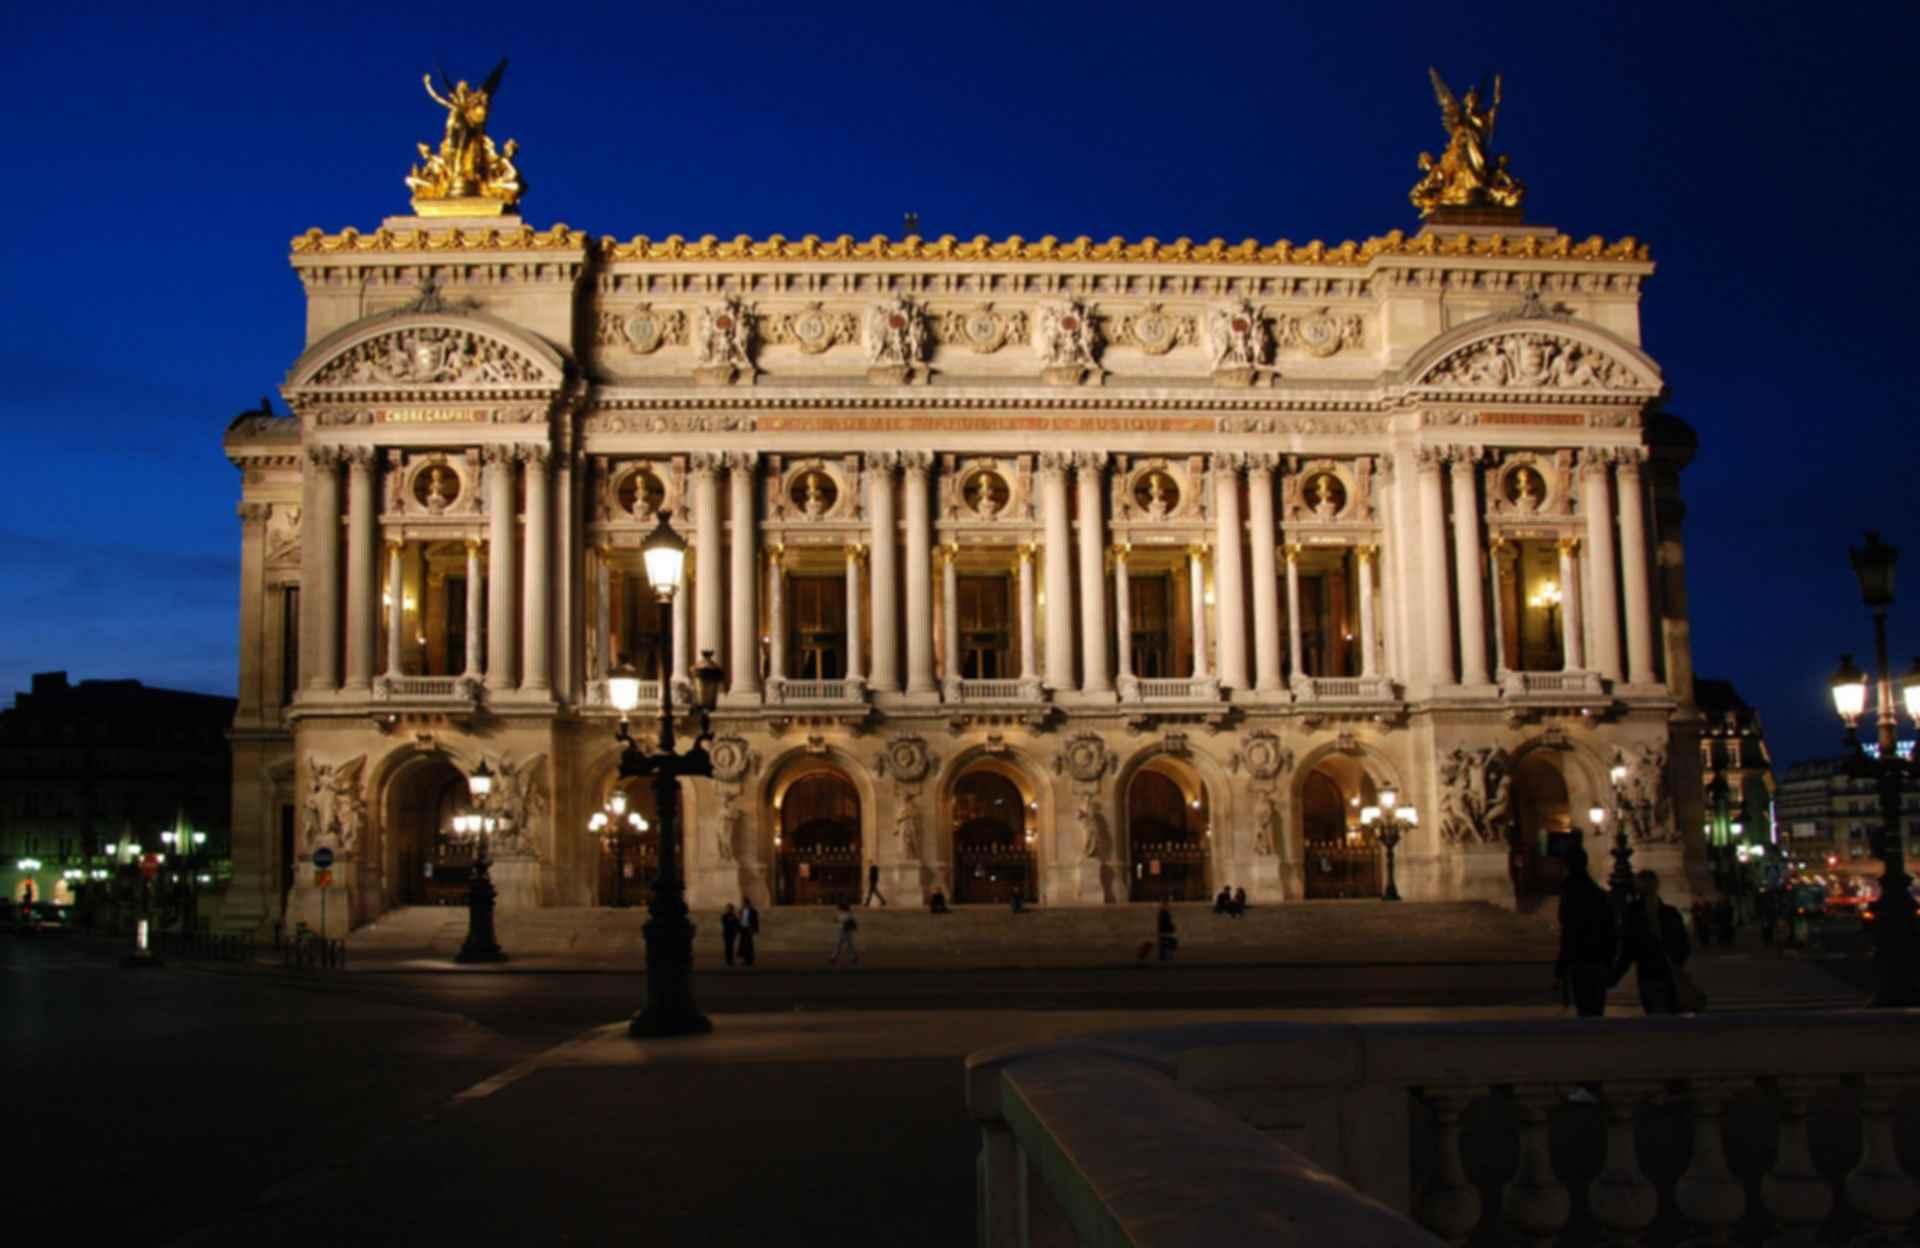 Palais Garnier - Exterior